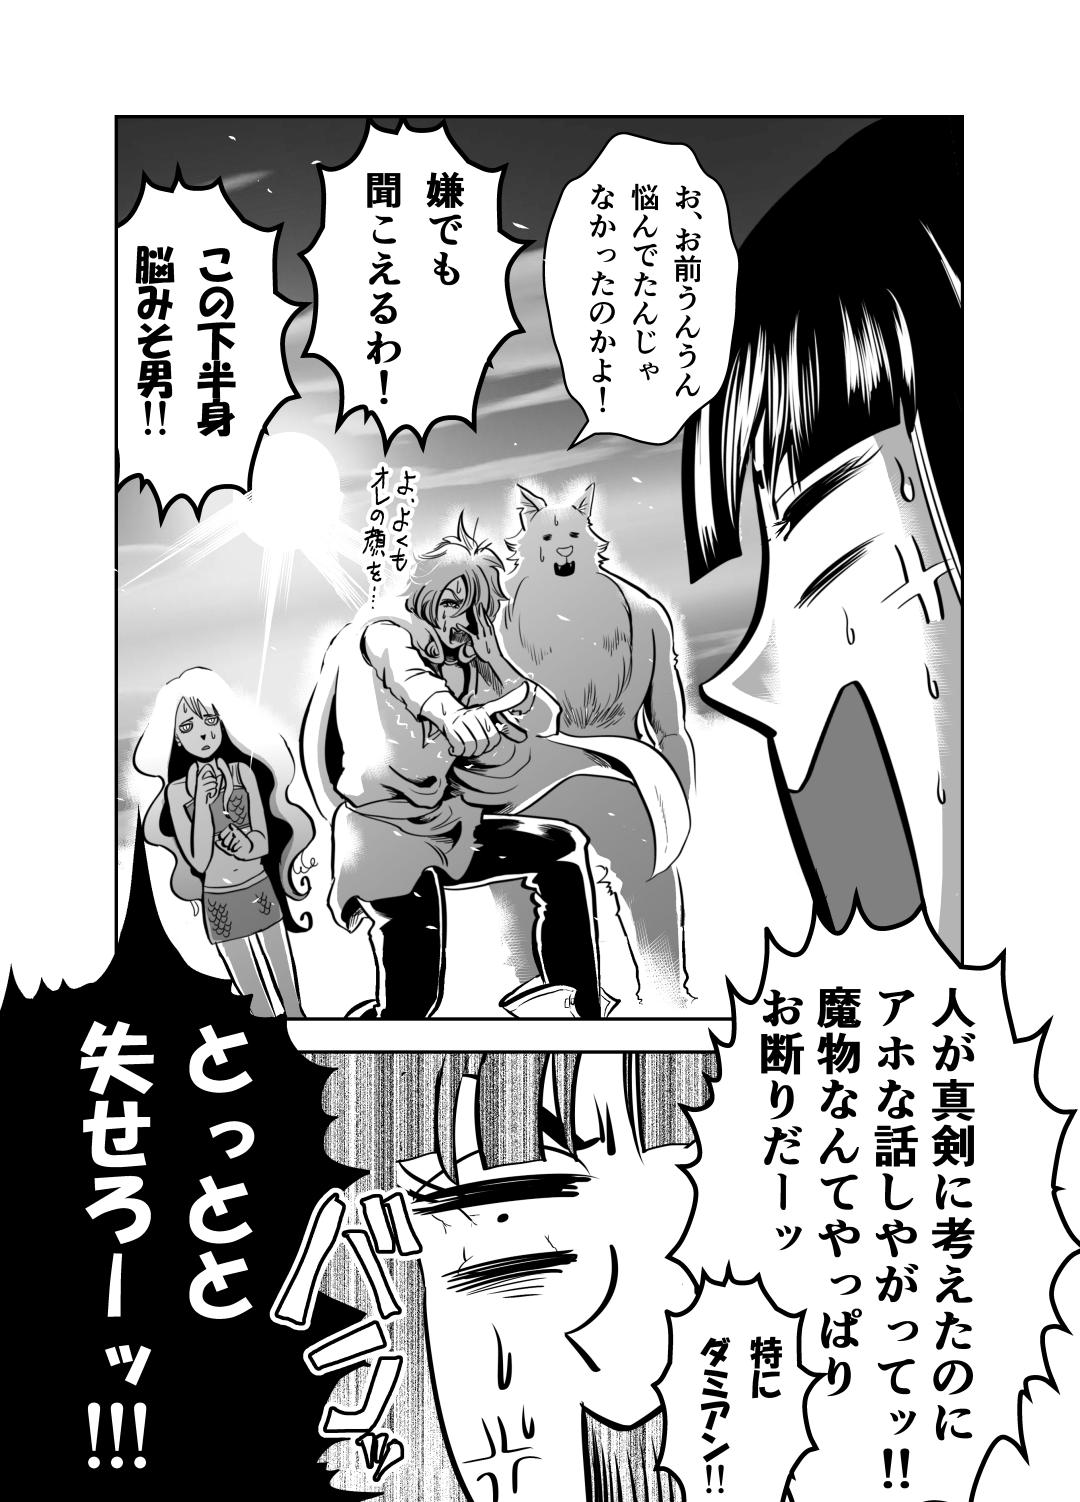 ヤサグレ魔女は人外にモテすぎて夜も眠れない0048-min